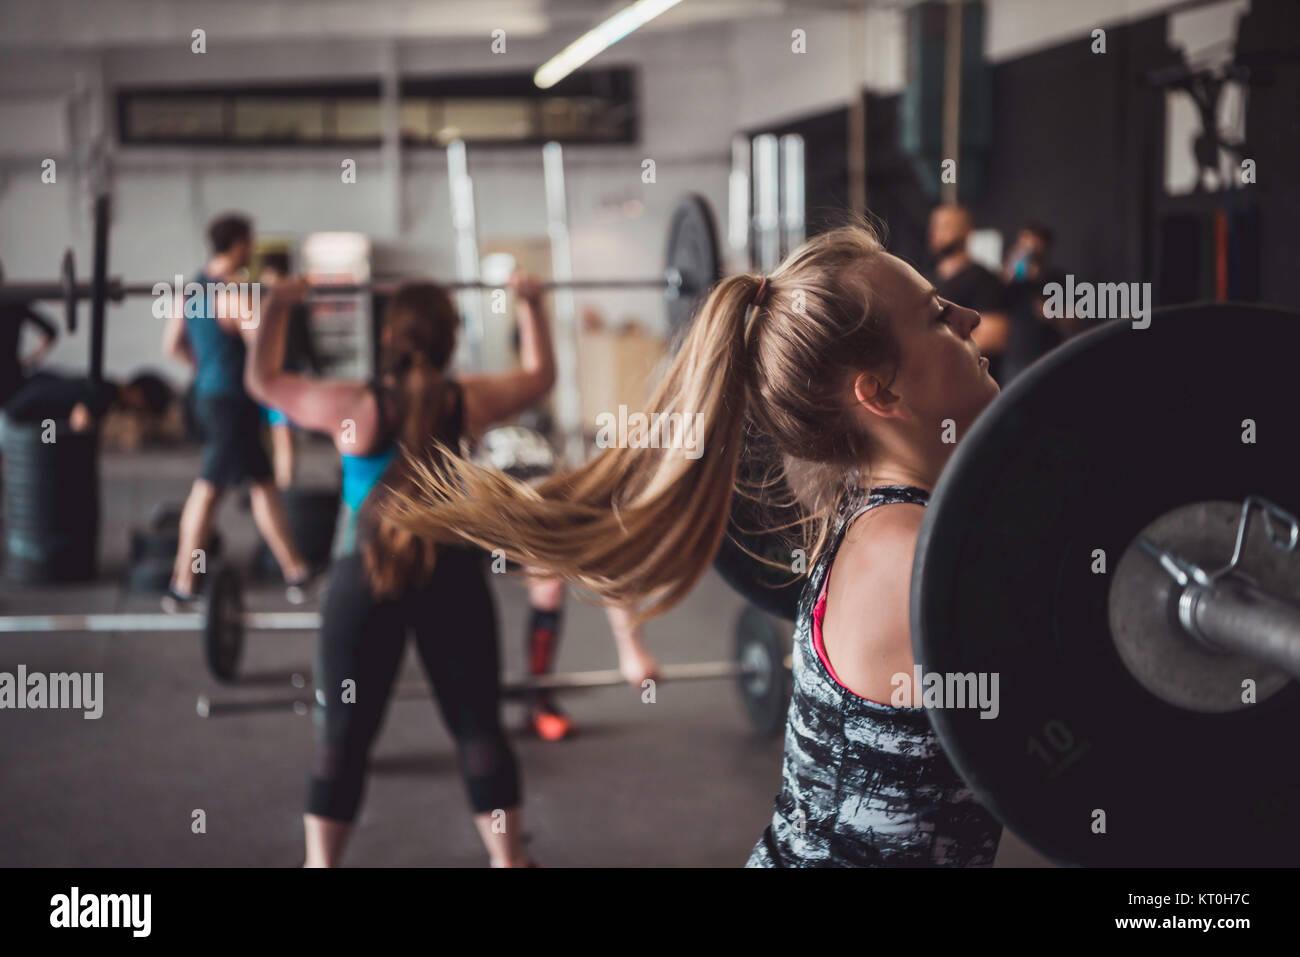 Las mujeres y fitness. El levantamiento de pesas, trabajo y entrenamiento cruzado. Imagen De Stock